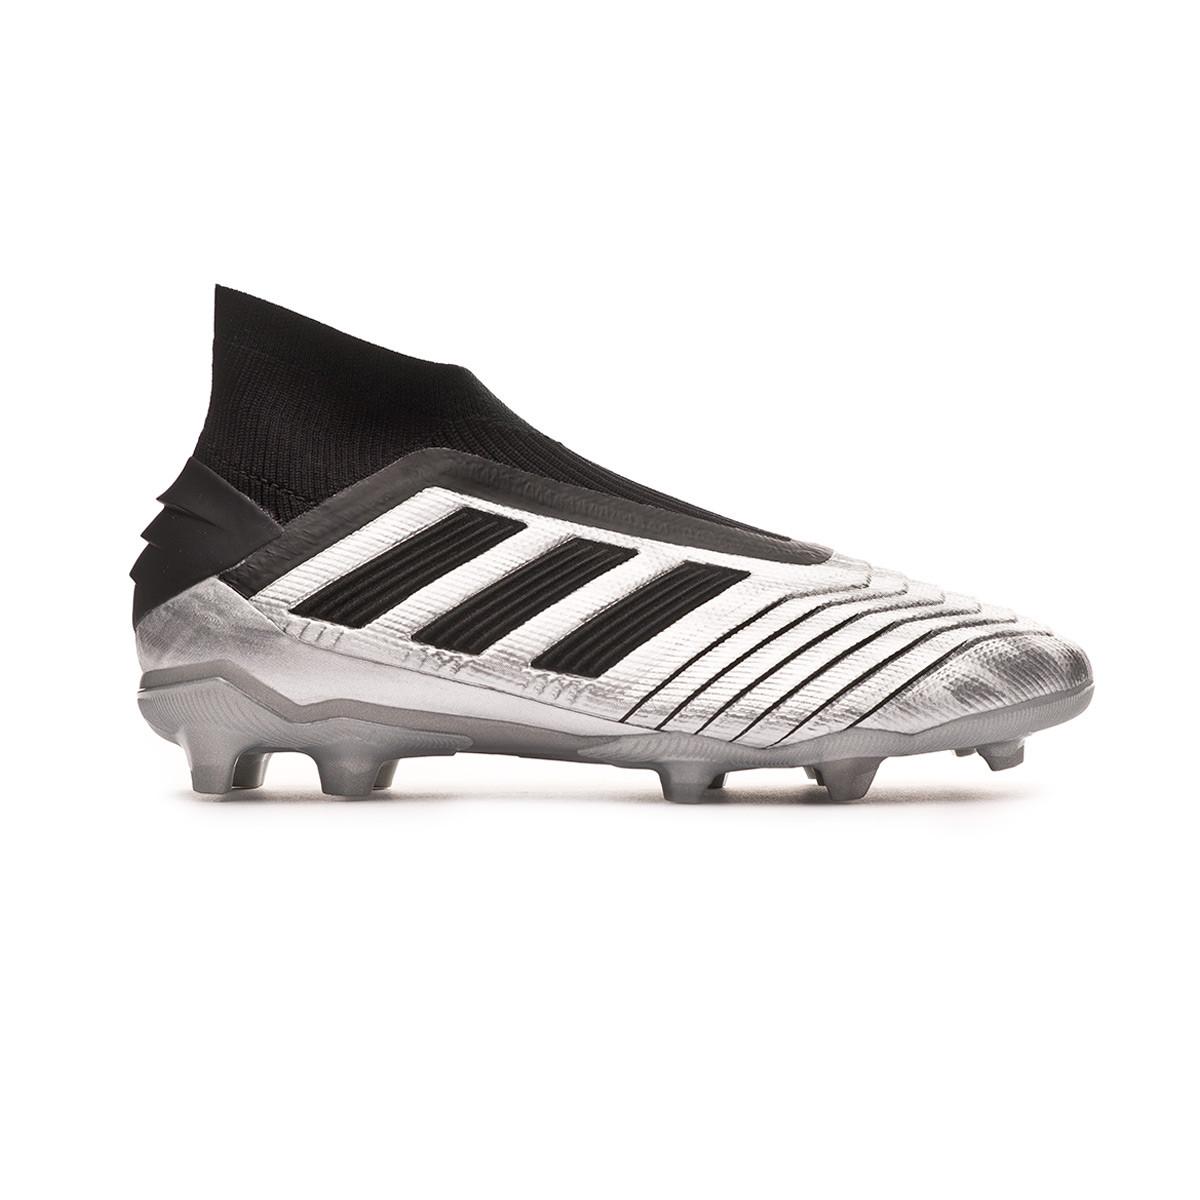 Chaussure de foot adidas Predator 19+ FG enfant